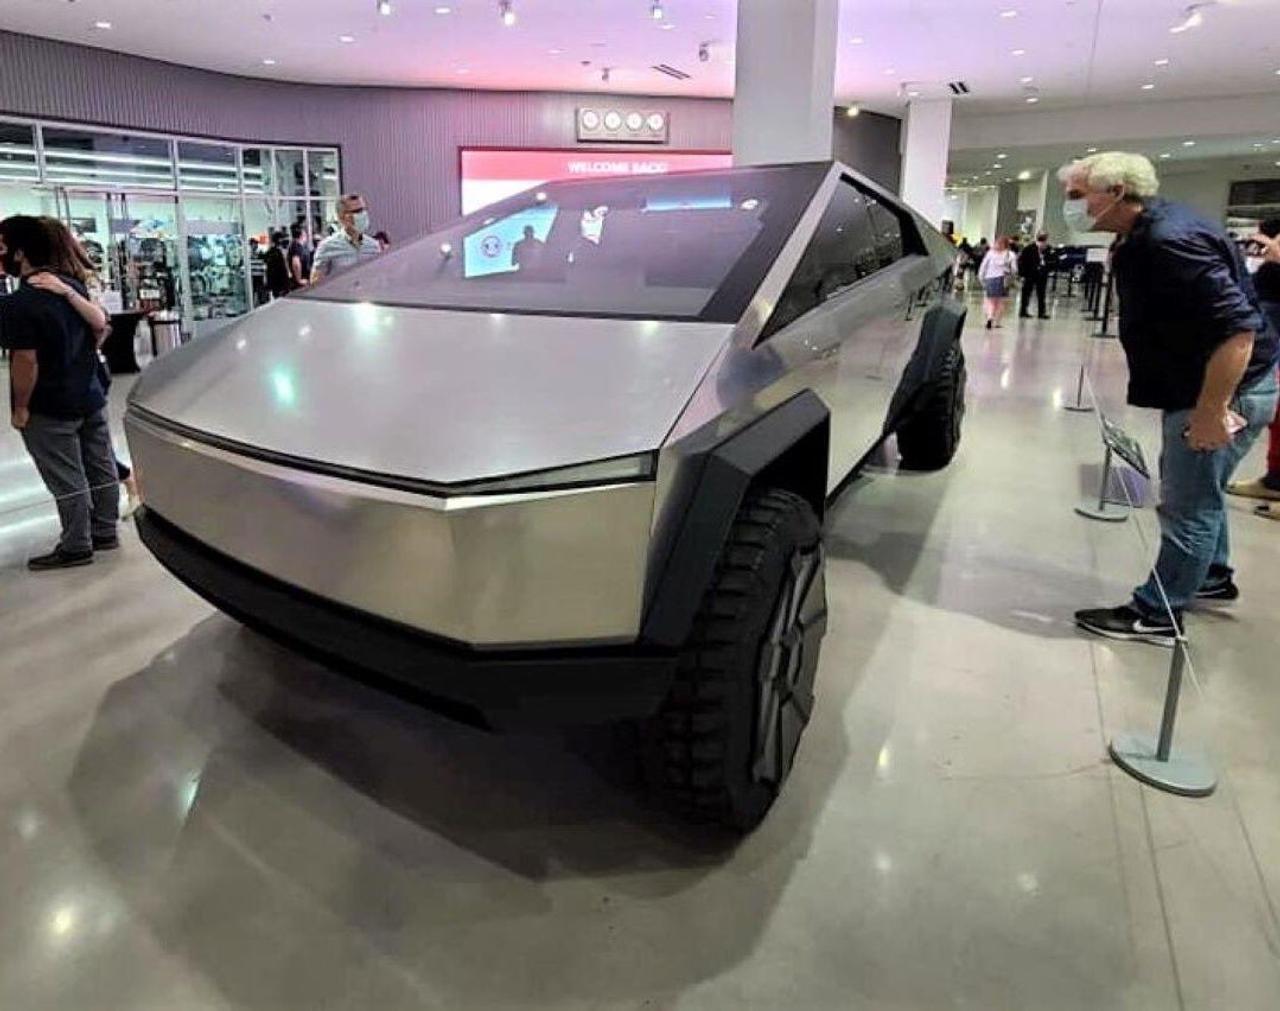 Пикап Tesla Cybertruck лишится дверных ручек, как он будет открываться?